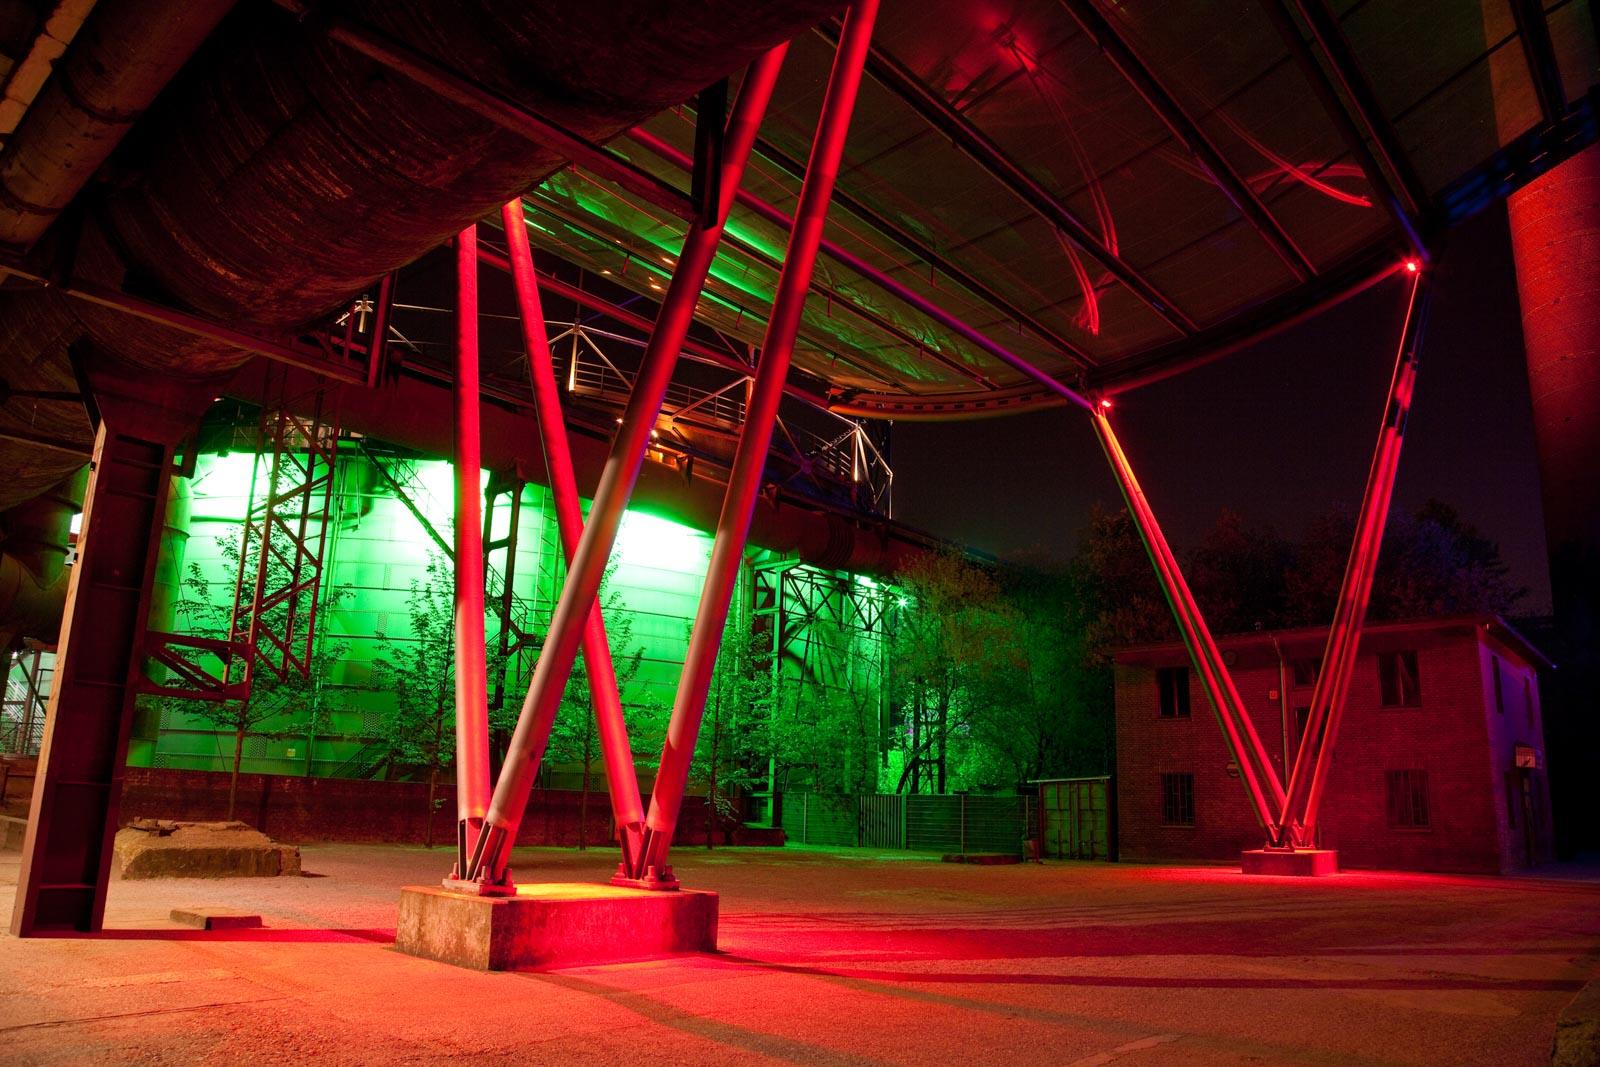 Nachtfoto van industrie in Duitsland